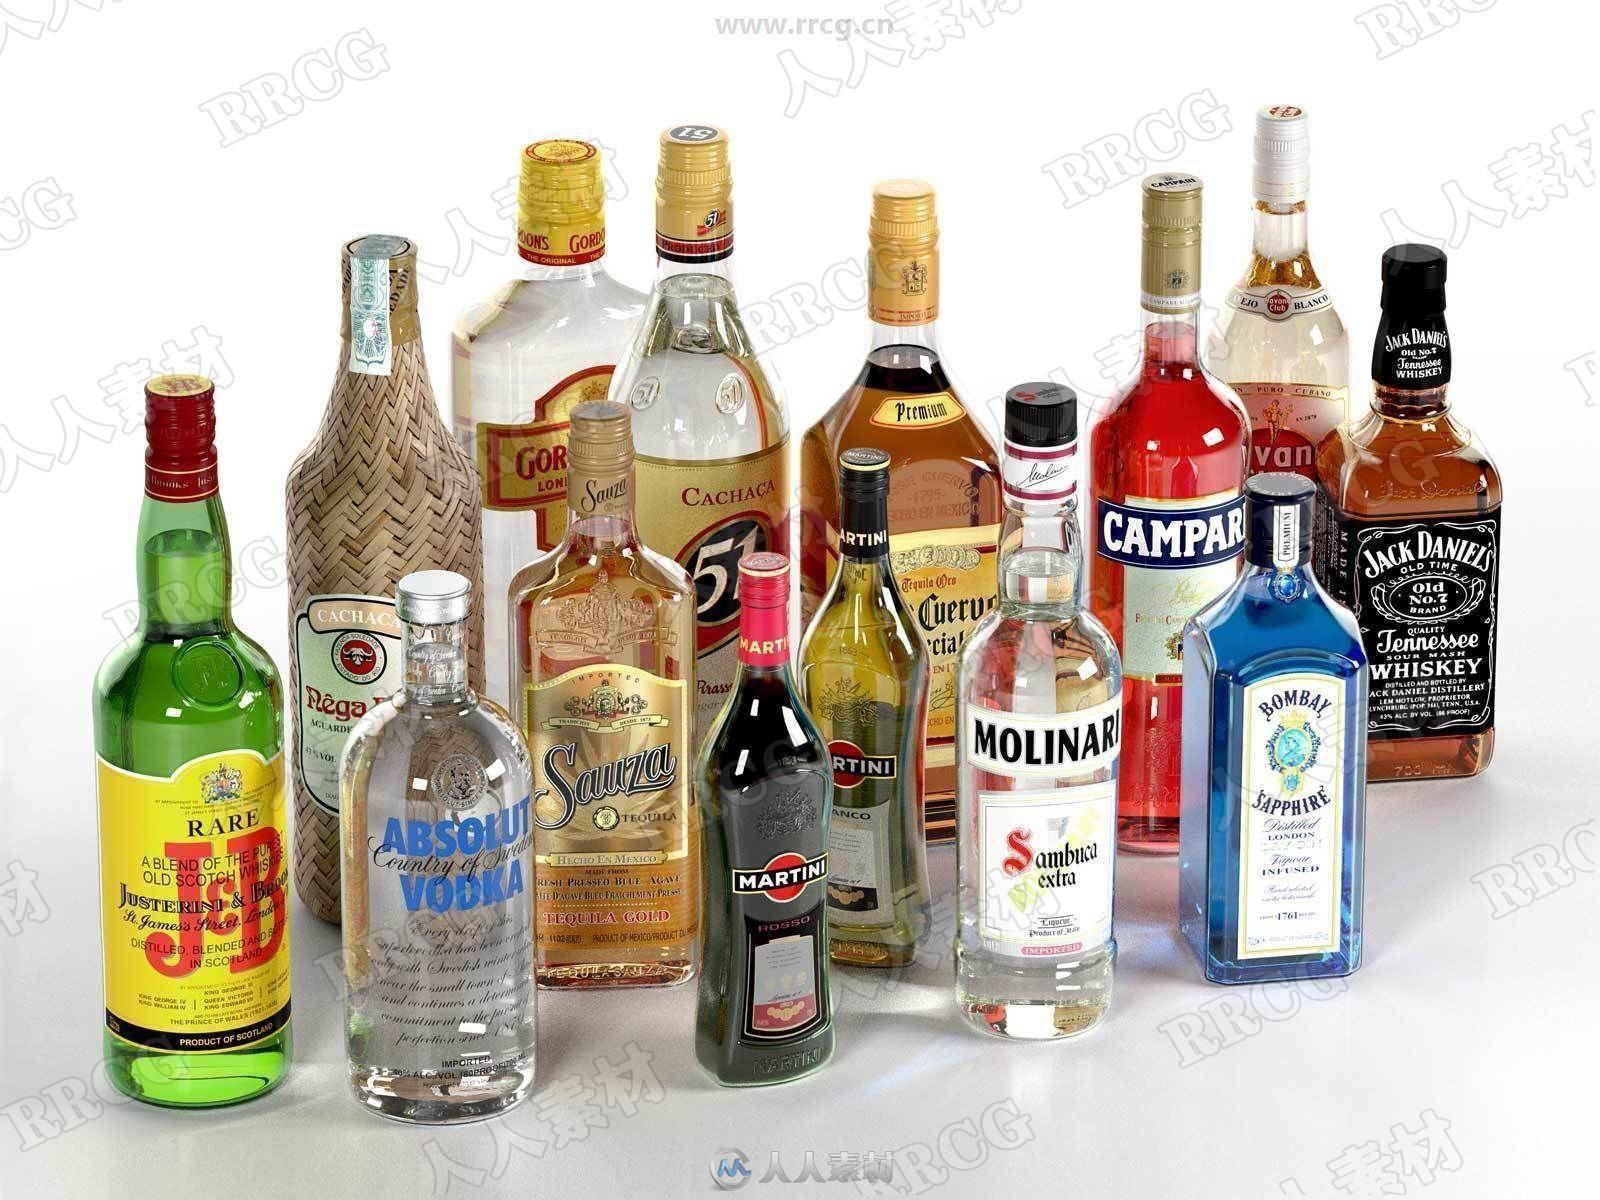 酒瓶酒精饮料包装玻璃瓶3D模型合集